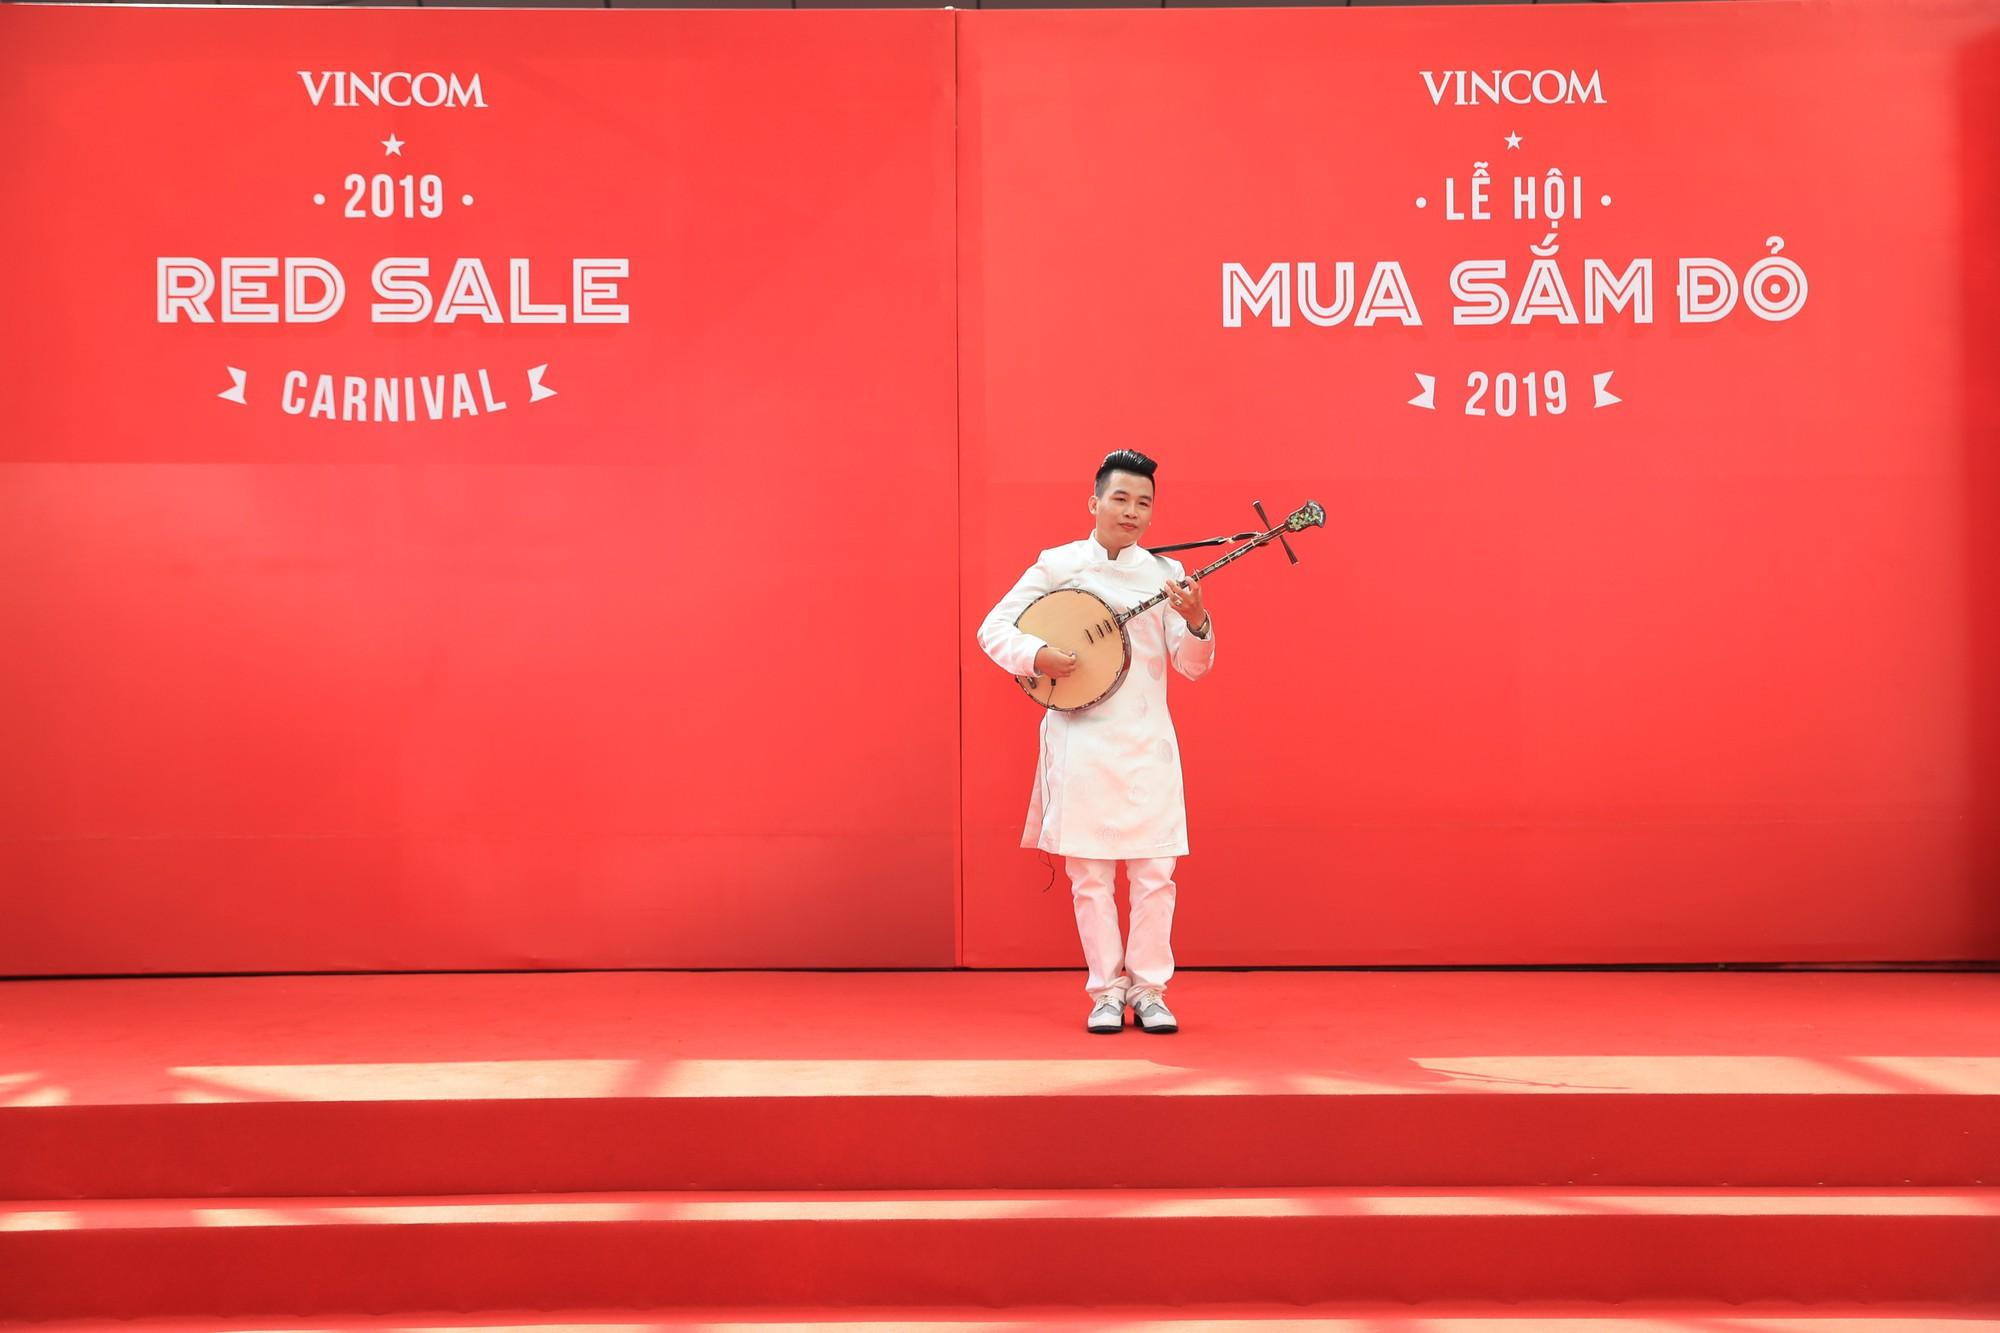 Noo Phước Thịnh điển trai, khuấy động lễ khai mạc Vincom Red Sale Carnival 2019 - Ảnh 5.